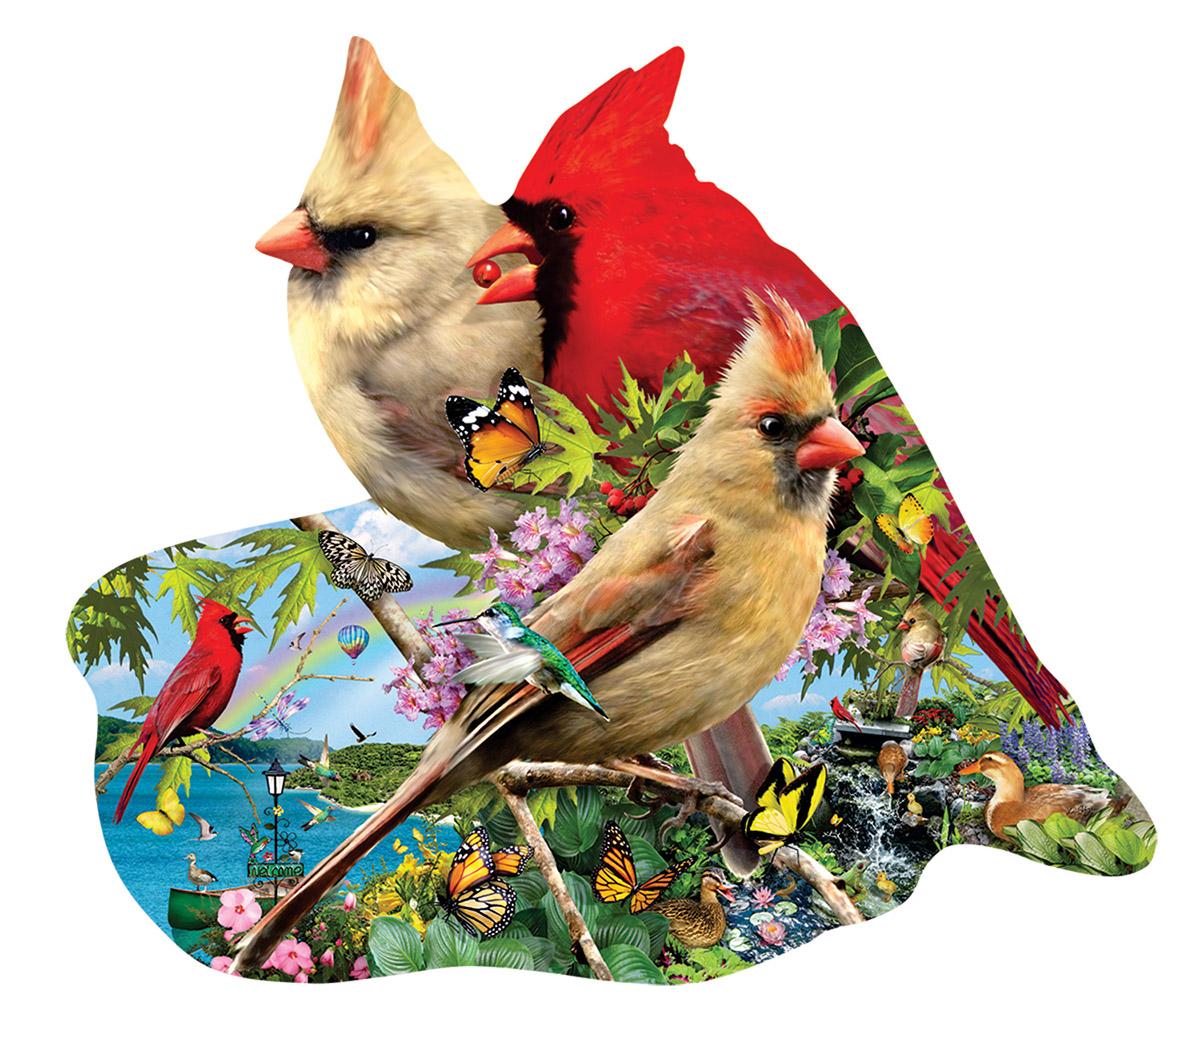 lori-schory-summer-cardinals